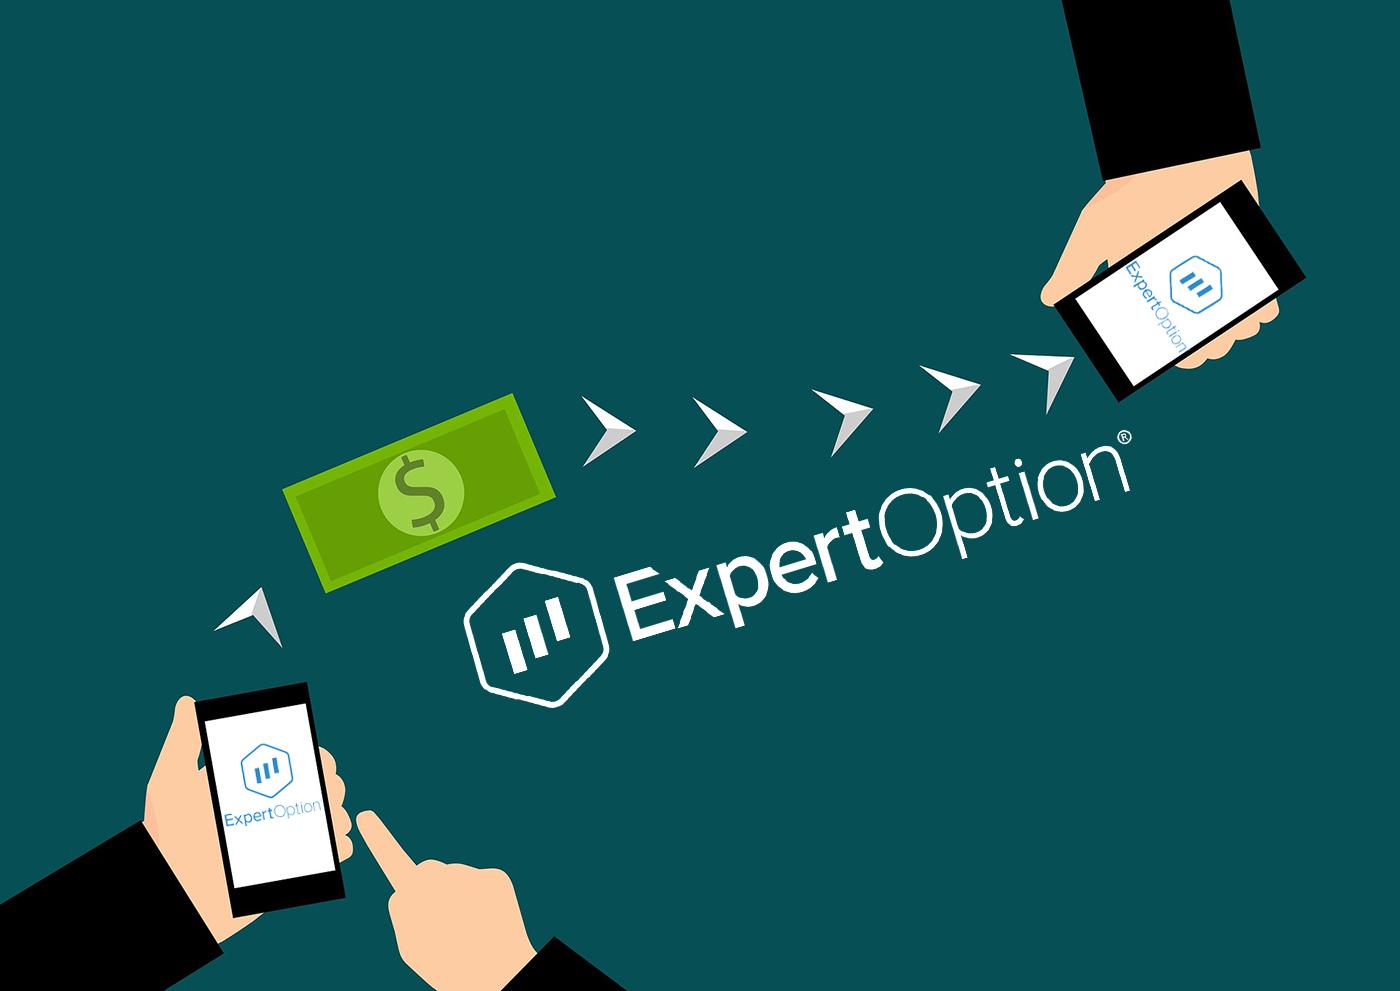 چگونه می توان از ExpertOption پول برداشت کرد